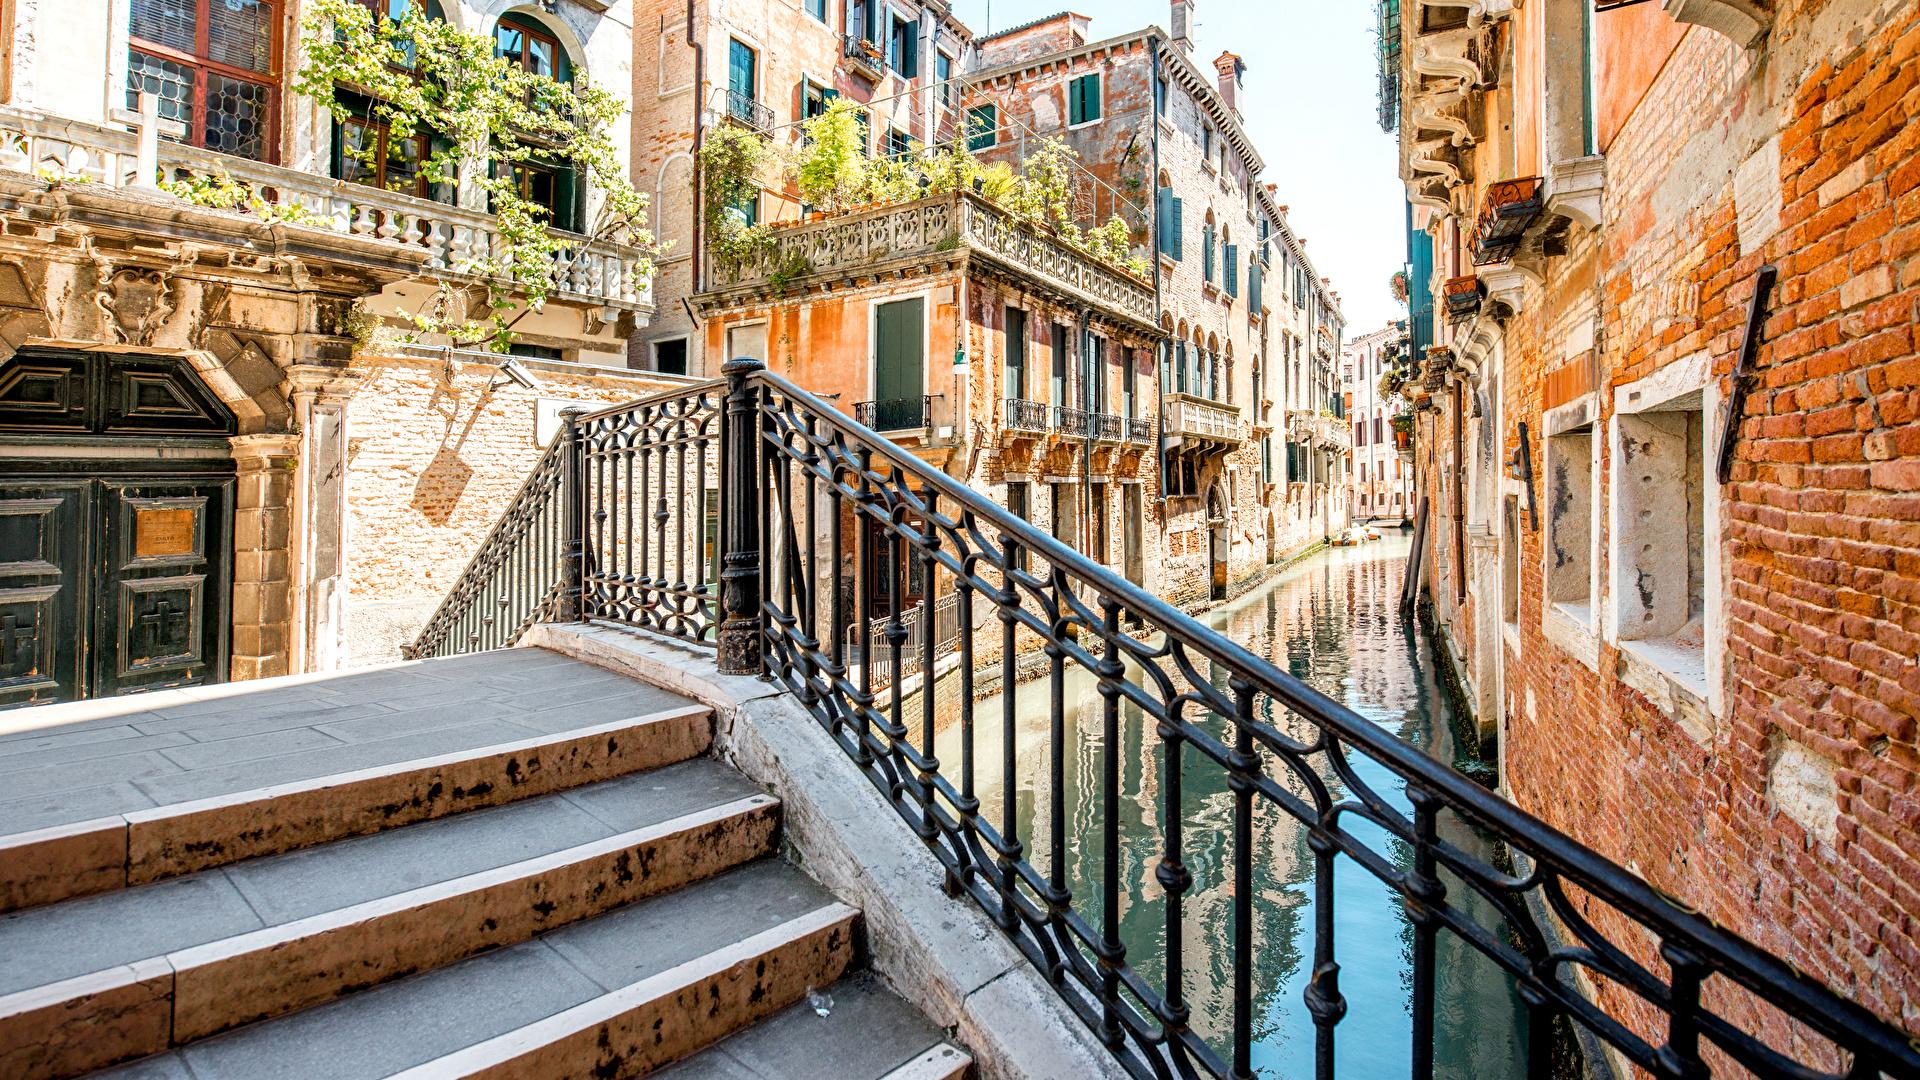 壁紙 1920x1080 イタリア 住宅 ヴェネツィア 運河 階段 都市